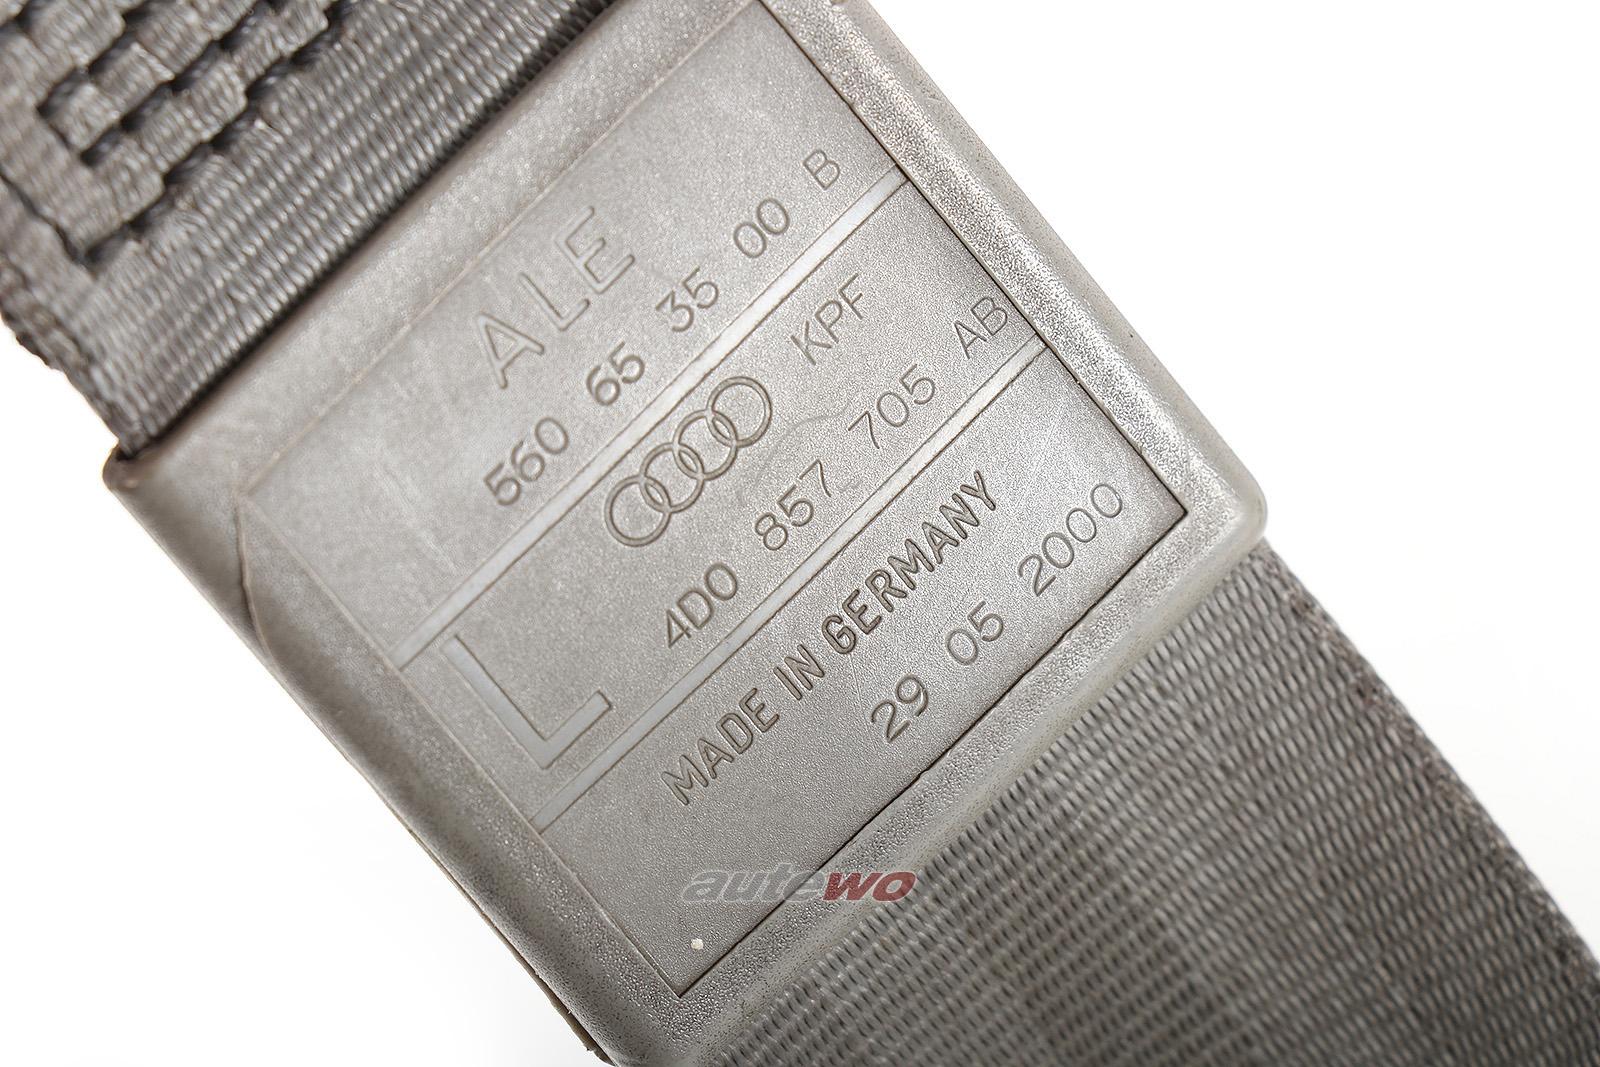 4D0857705AB Audi A8/S8 D2 Sicherheitsgurt Vorne Links KPF platin